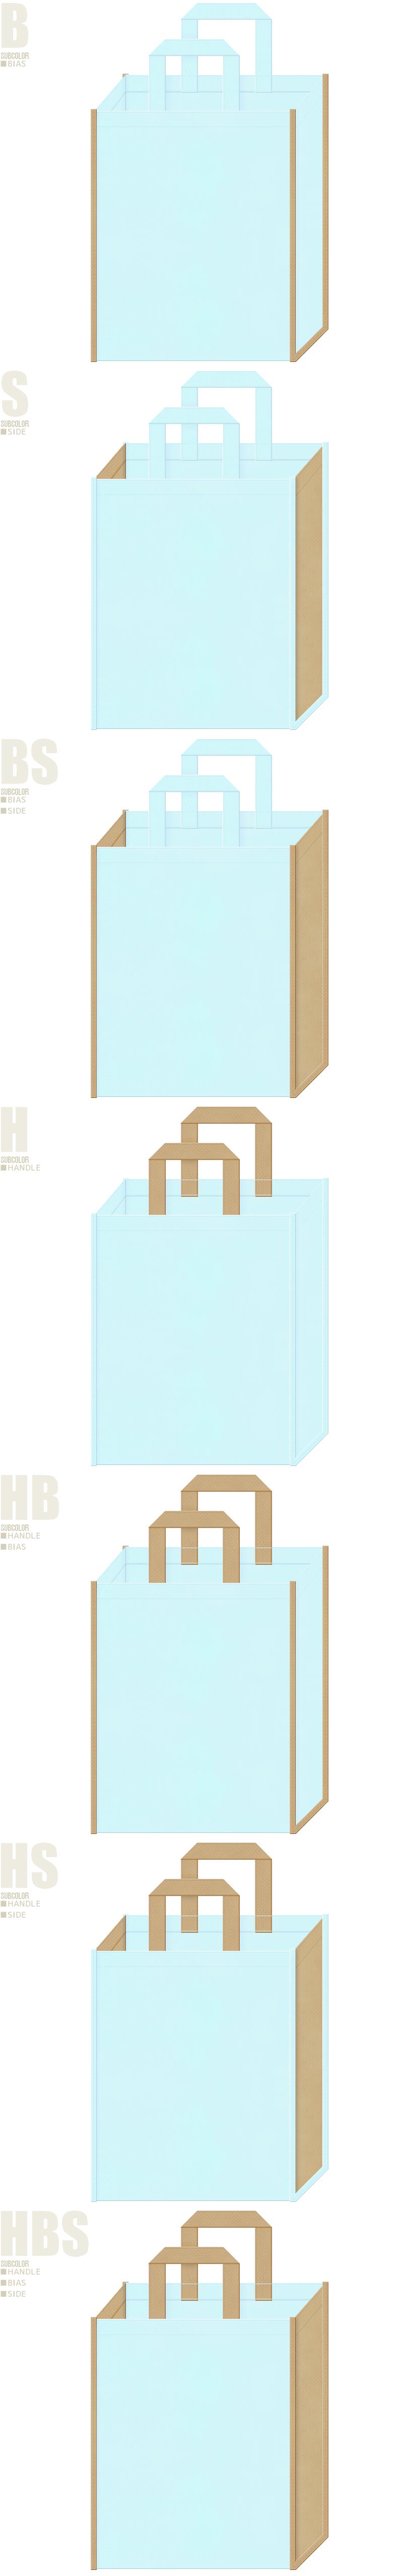 絵本・おとぎ話・手芸・ぬいぐるみ・ガーリーデザインの不織布バッグにお奨め:水色とカーキ色の配色7パターン